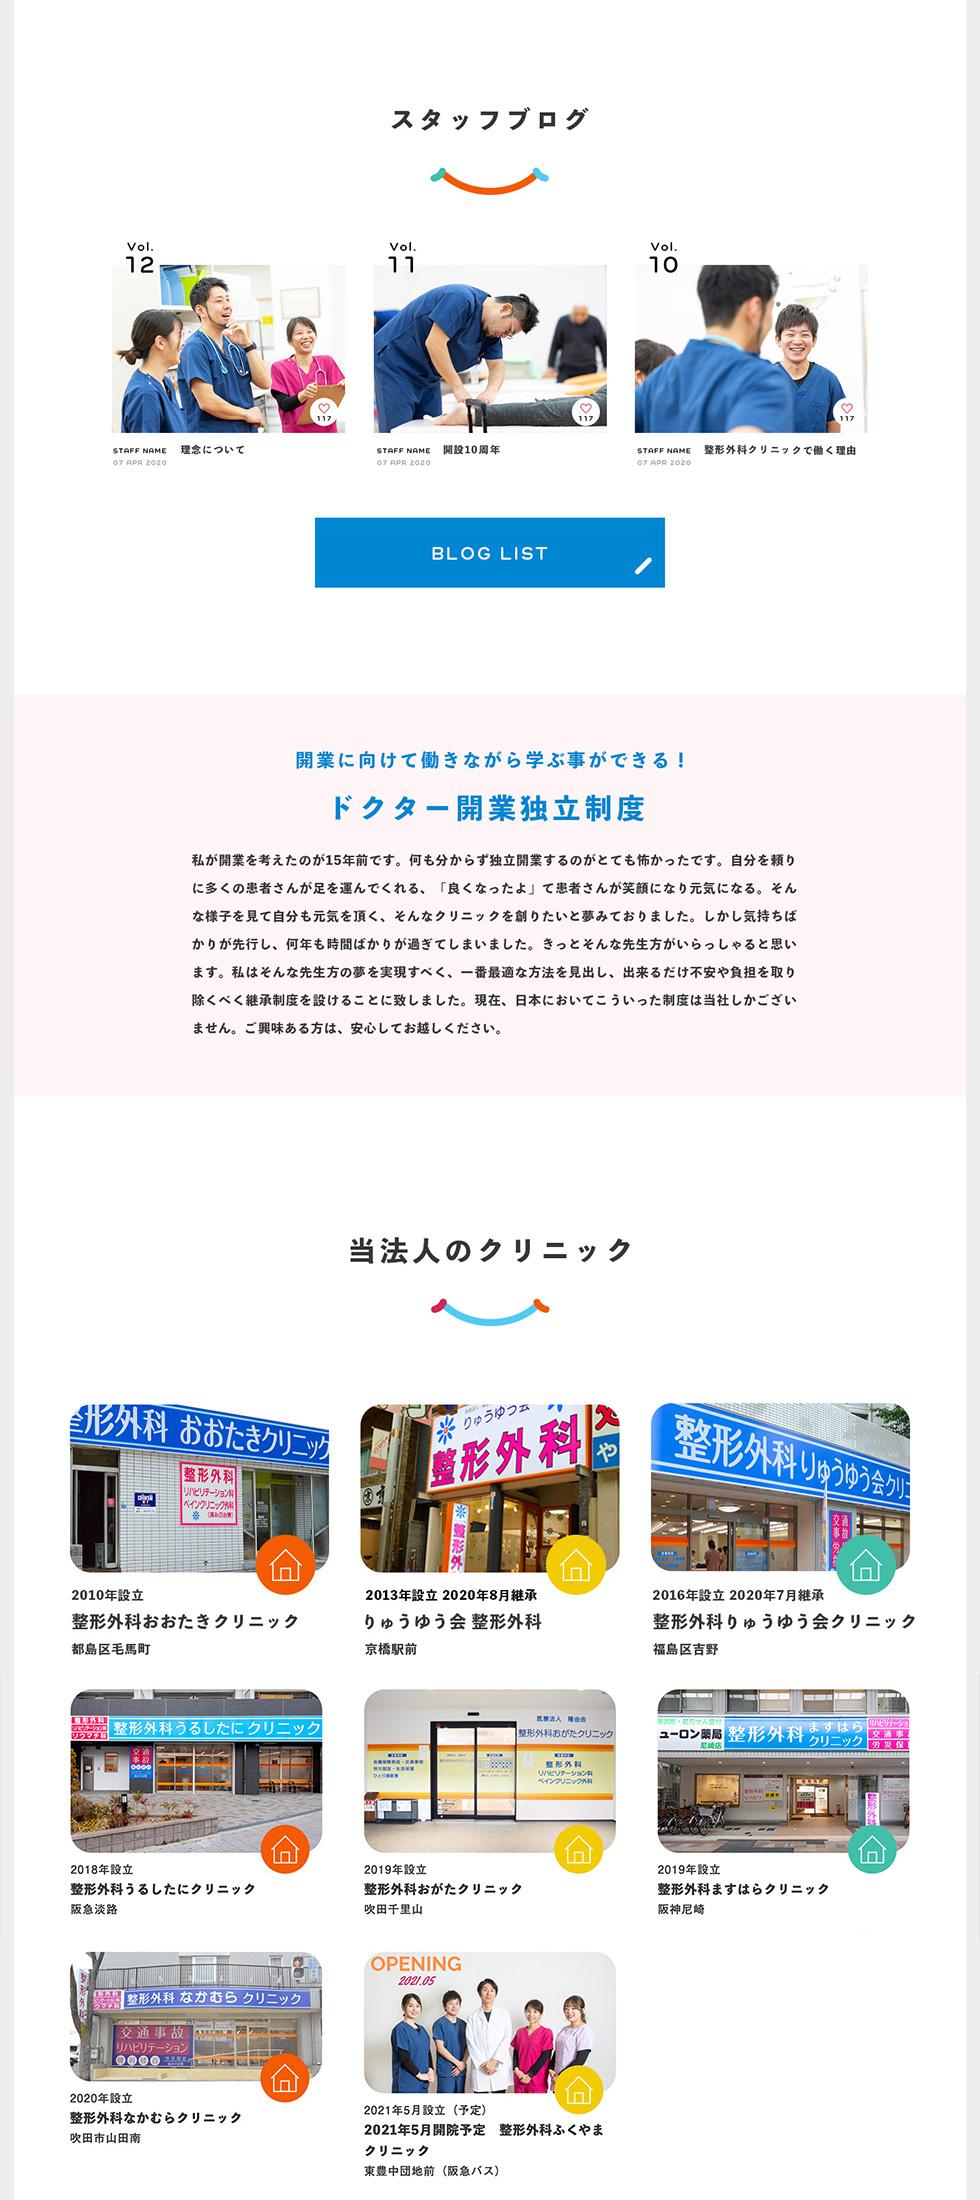 医療法人隆由会サイトイメージ2